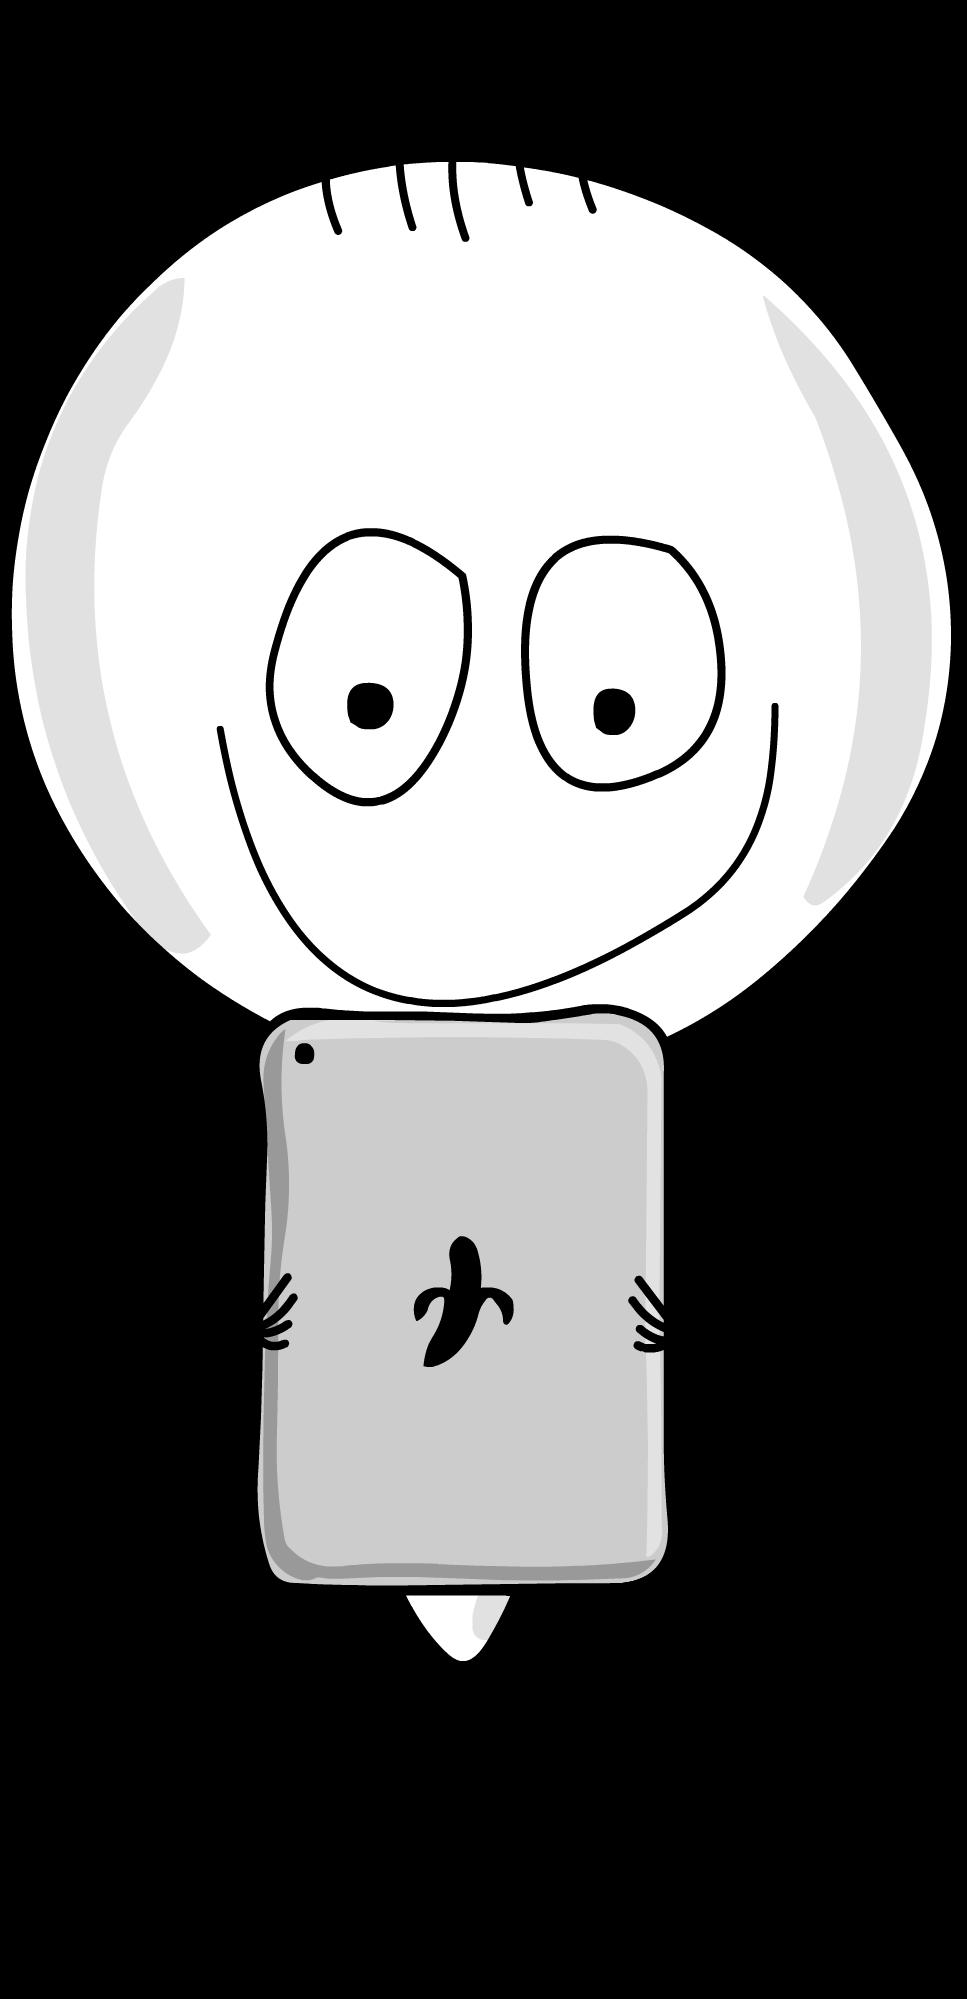 Bob Launch at Computer